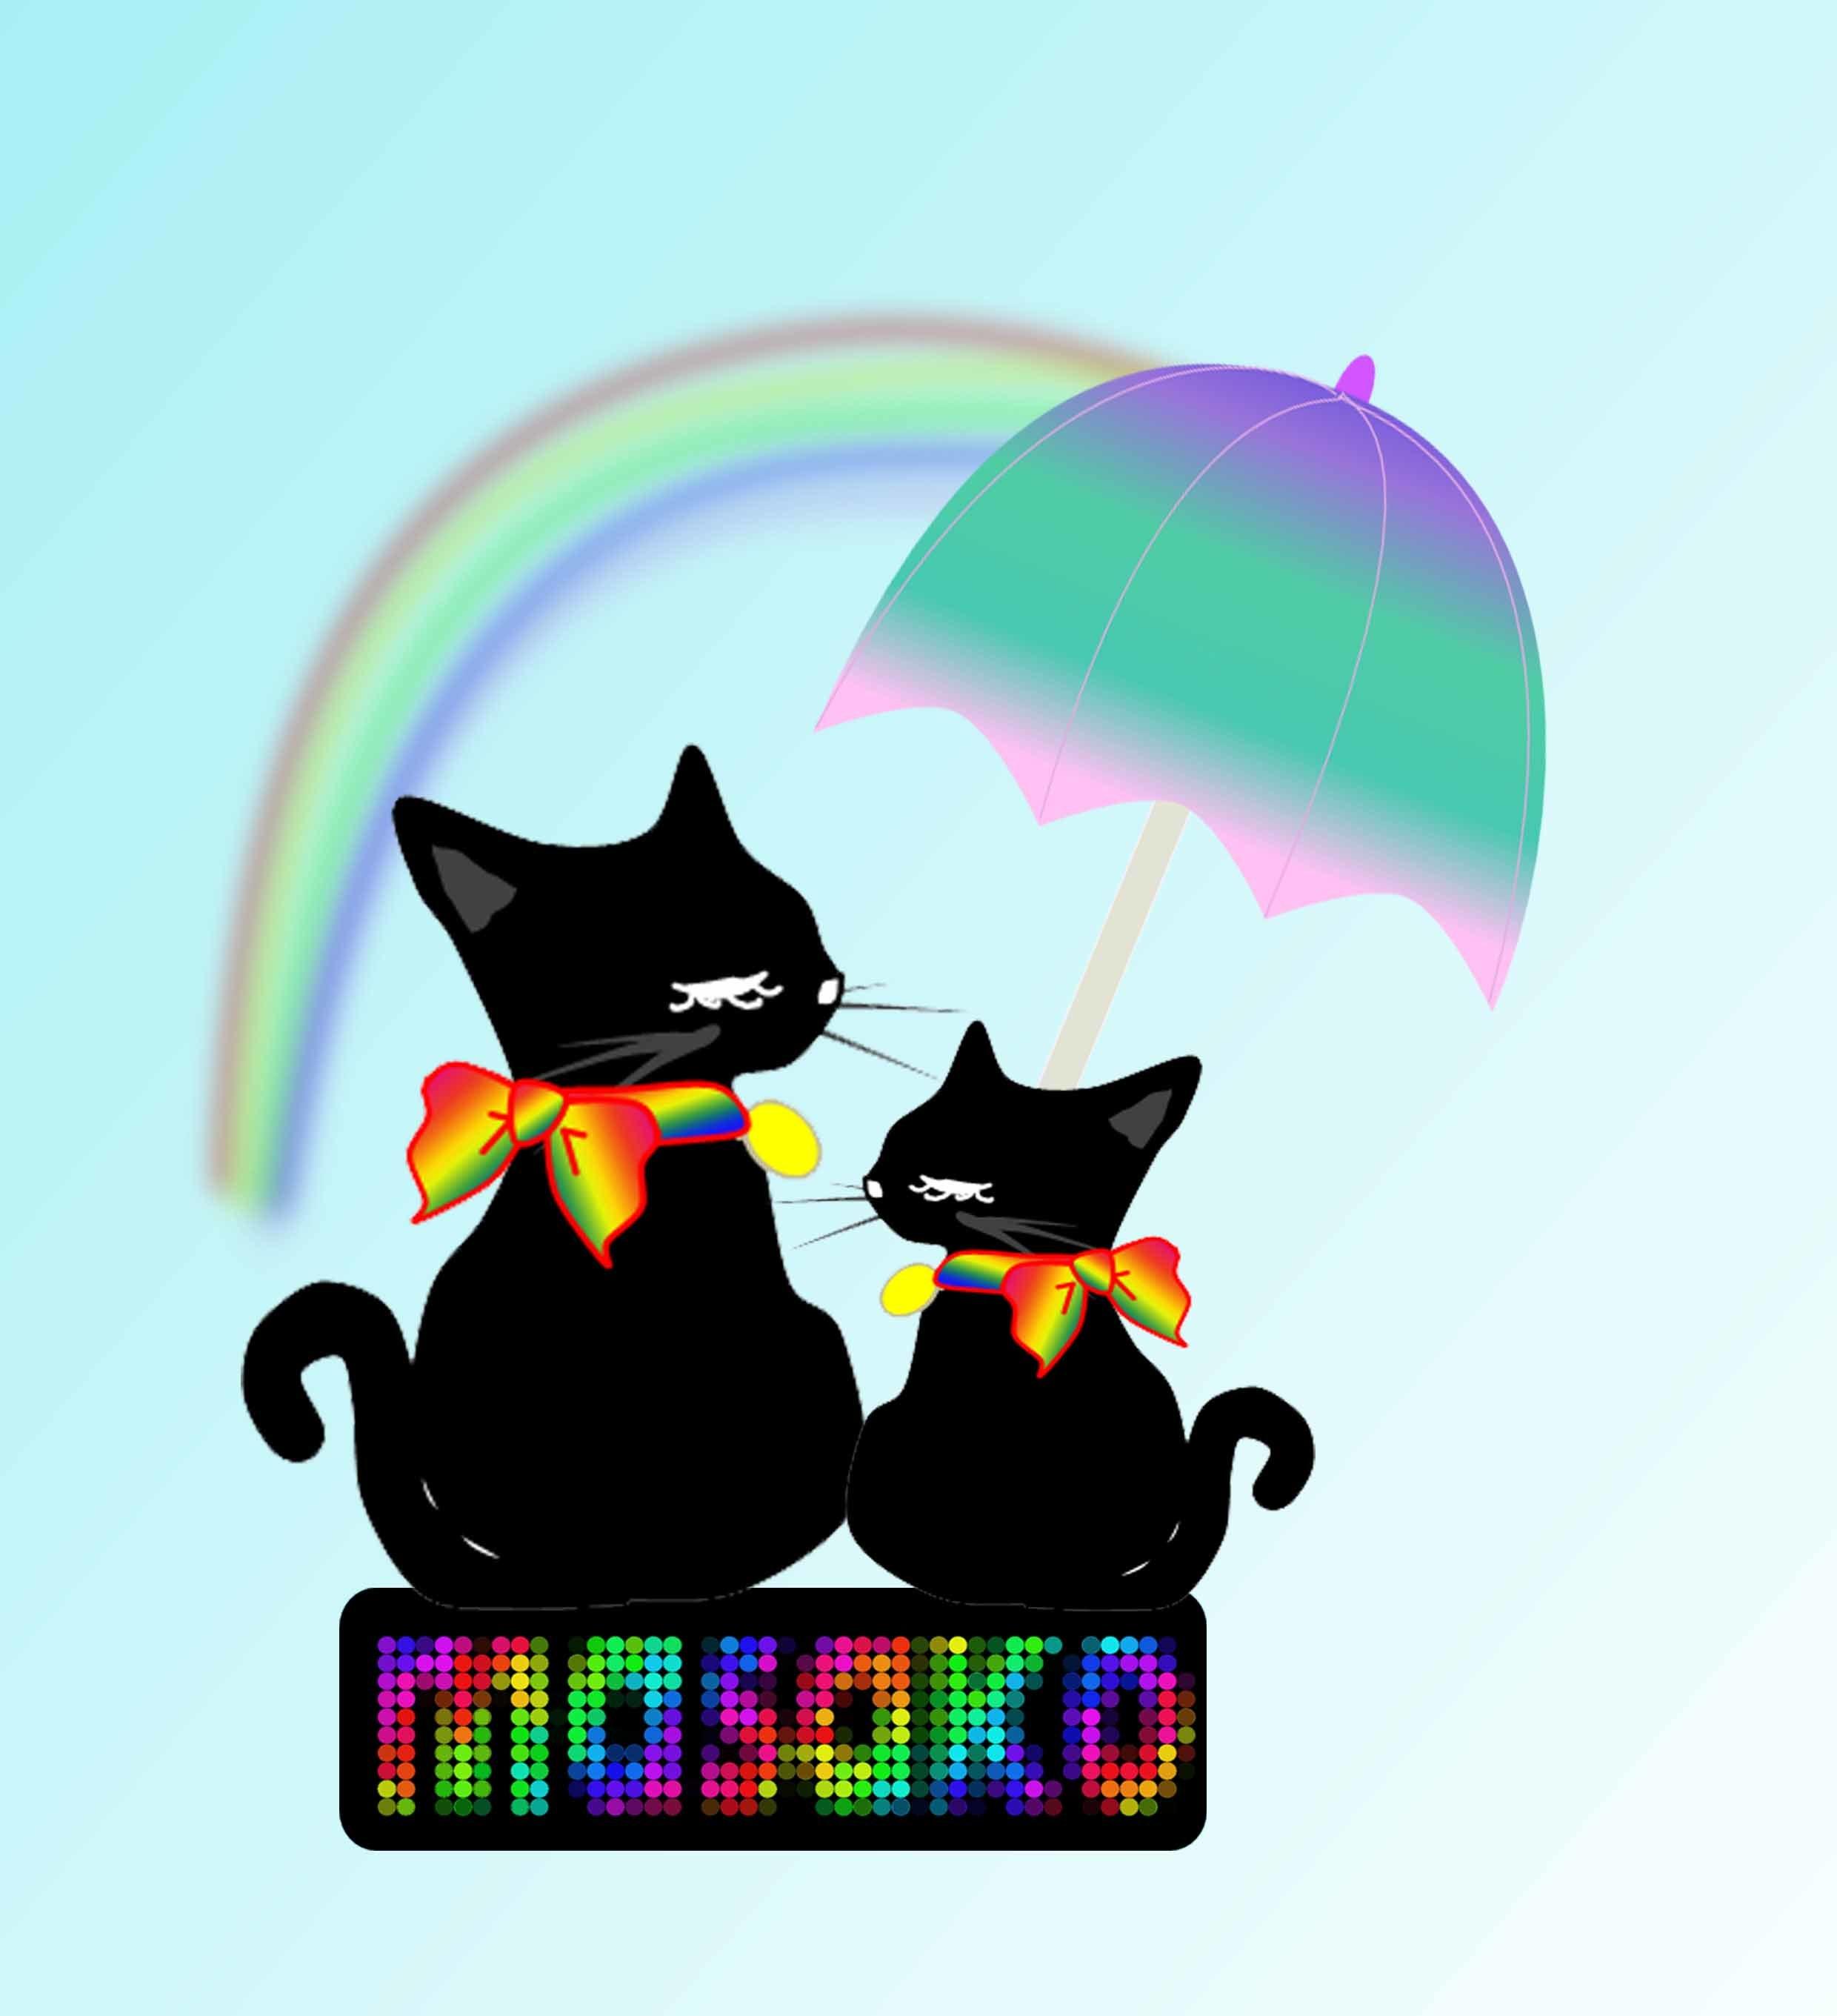 b0364186_13001903.jpg